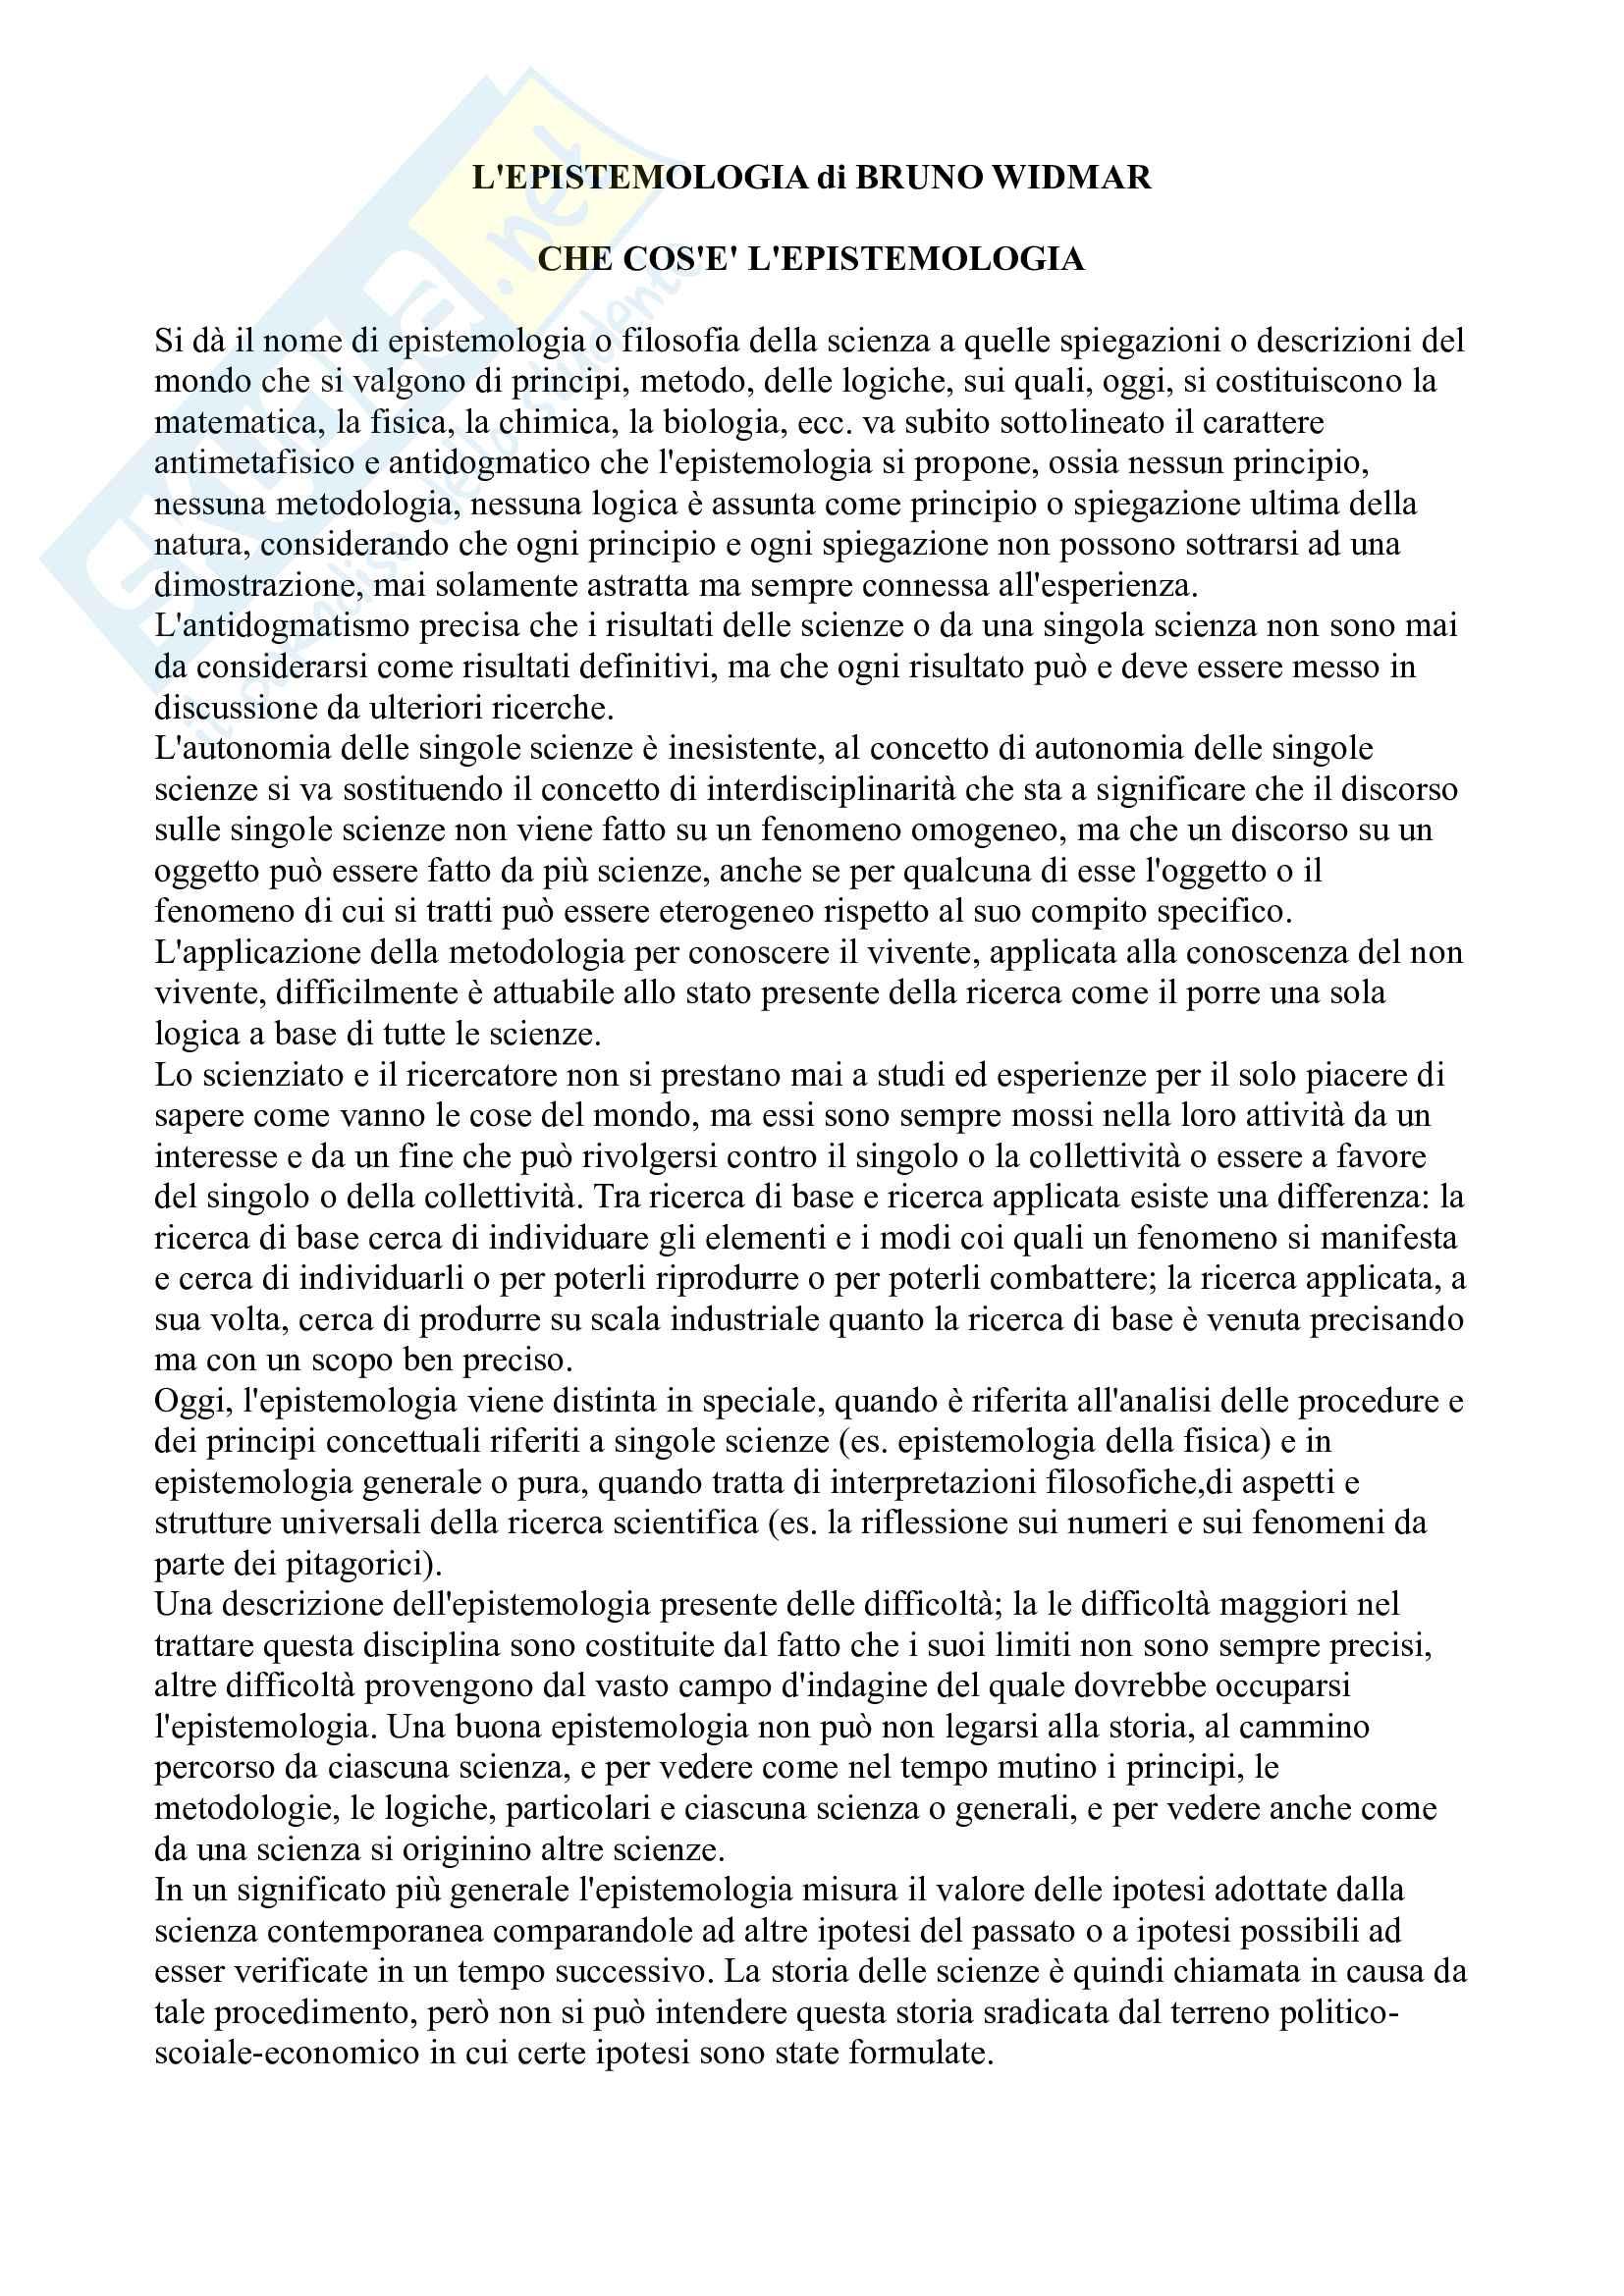 Riassunto esame Epistemologia e storia della scienza- Docente: Castellana, Libri consigliati L'epistemologia di Widmar e L'epistemologia genetica di Piaget